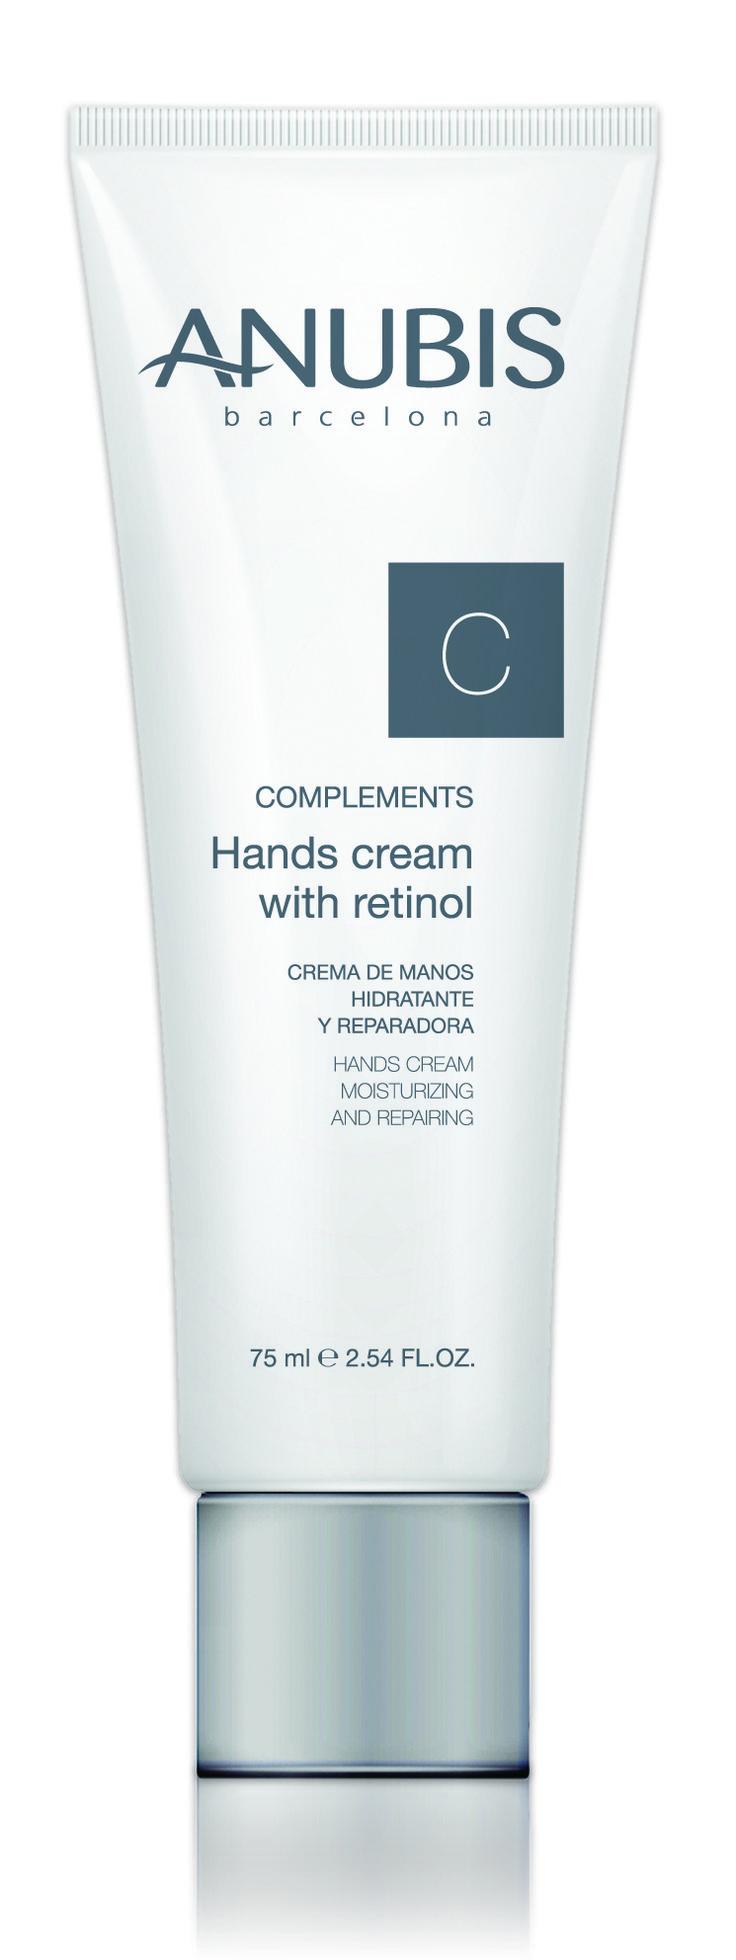 HANDS CREAM WITH RETINOL Crema de manos hidratante y reparadora Crema de manos regeneradora e hidratante. Previene y trata la desecación, luchando contra las agresiones externas causantes de grietas y deshidratación extrema de la piel.